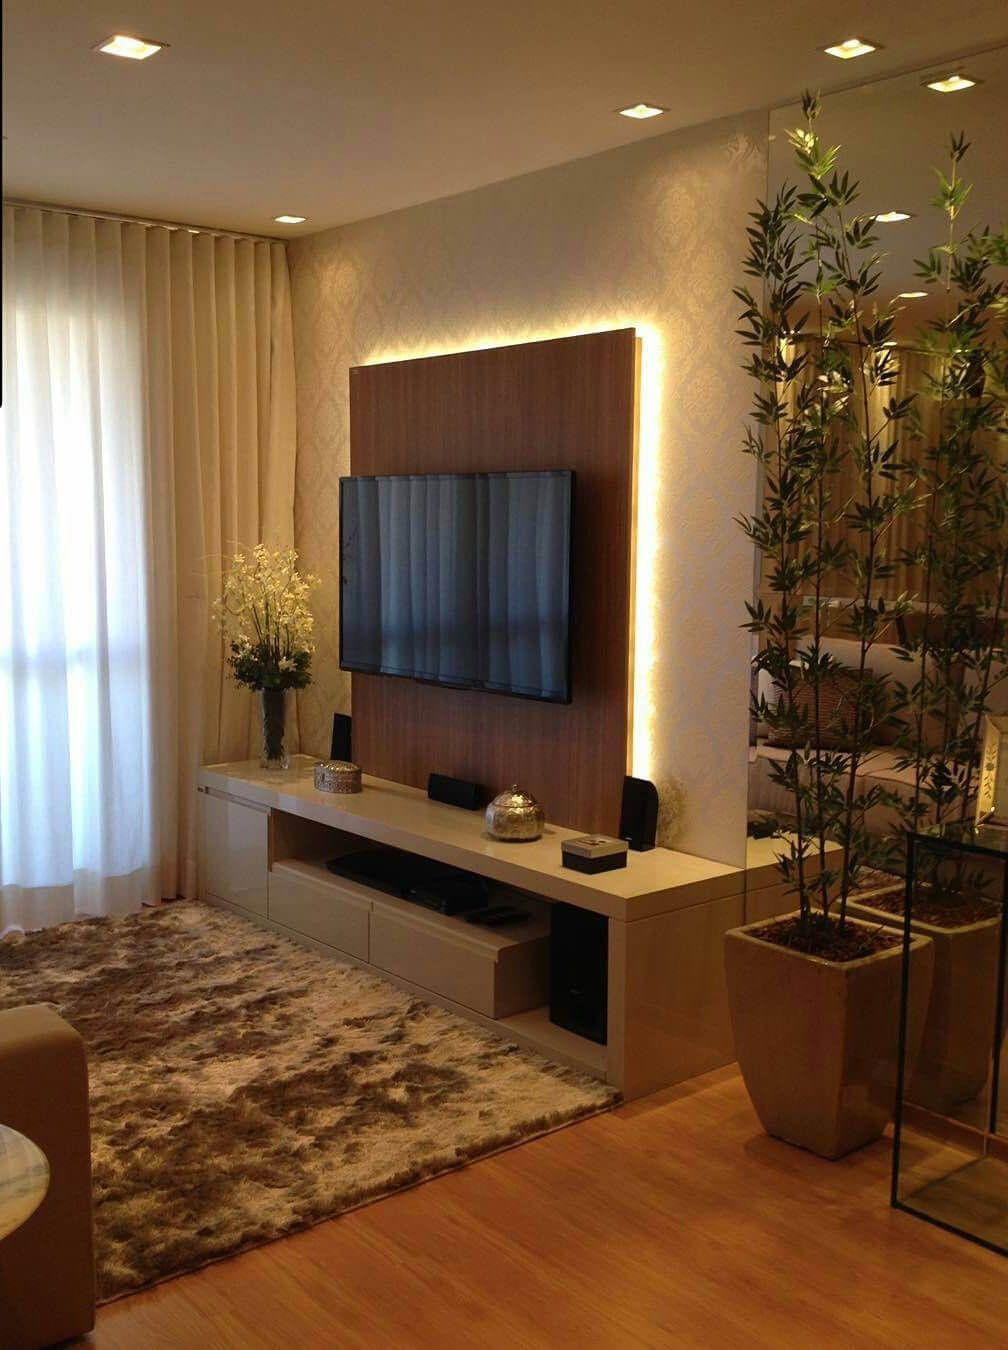 25+ einzigartige kleine wohnzimmer design und dekor-ideen